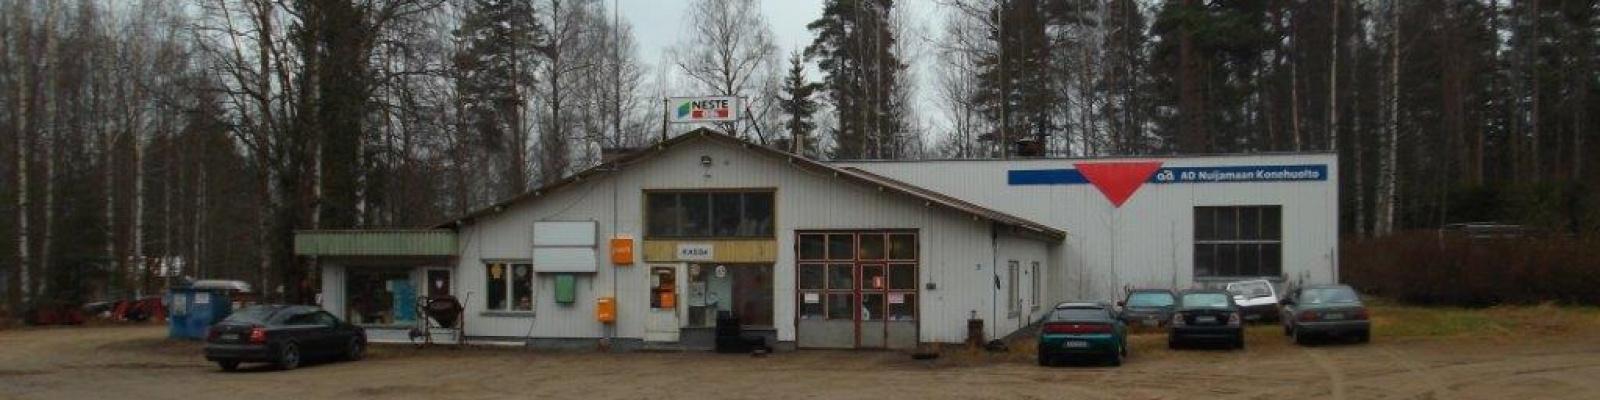 Kuva korjaamolta